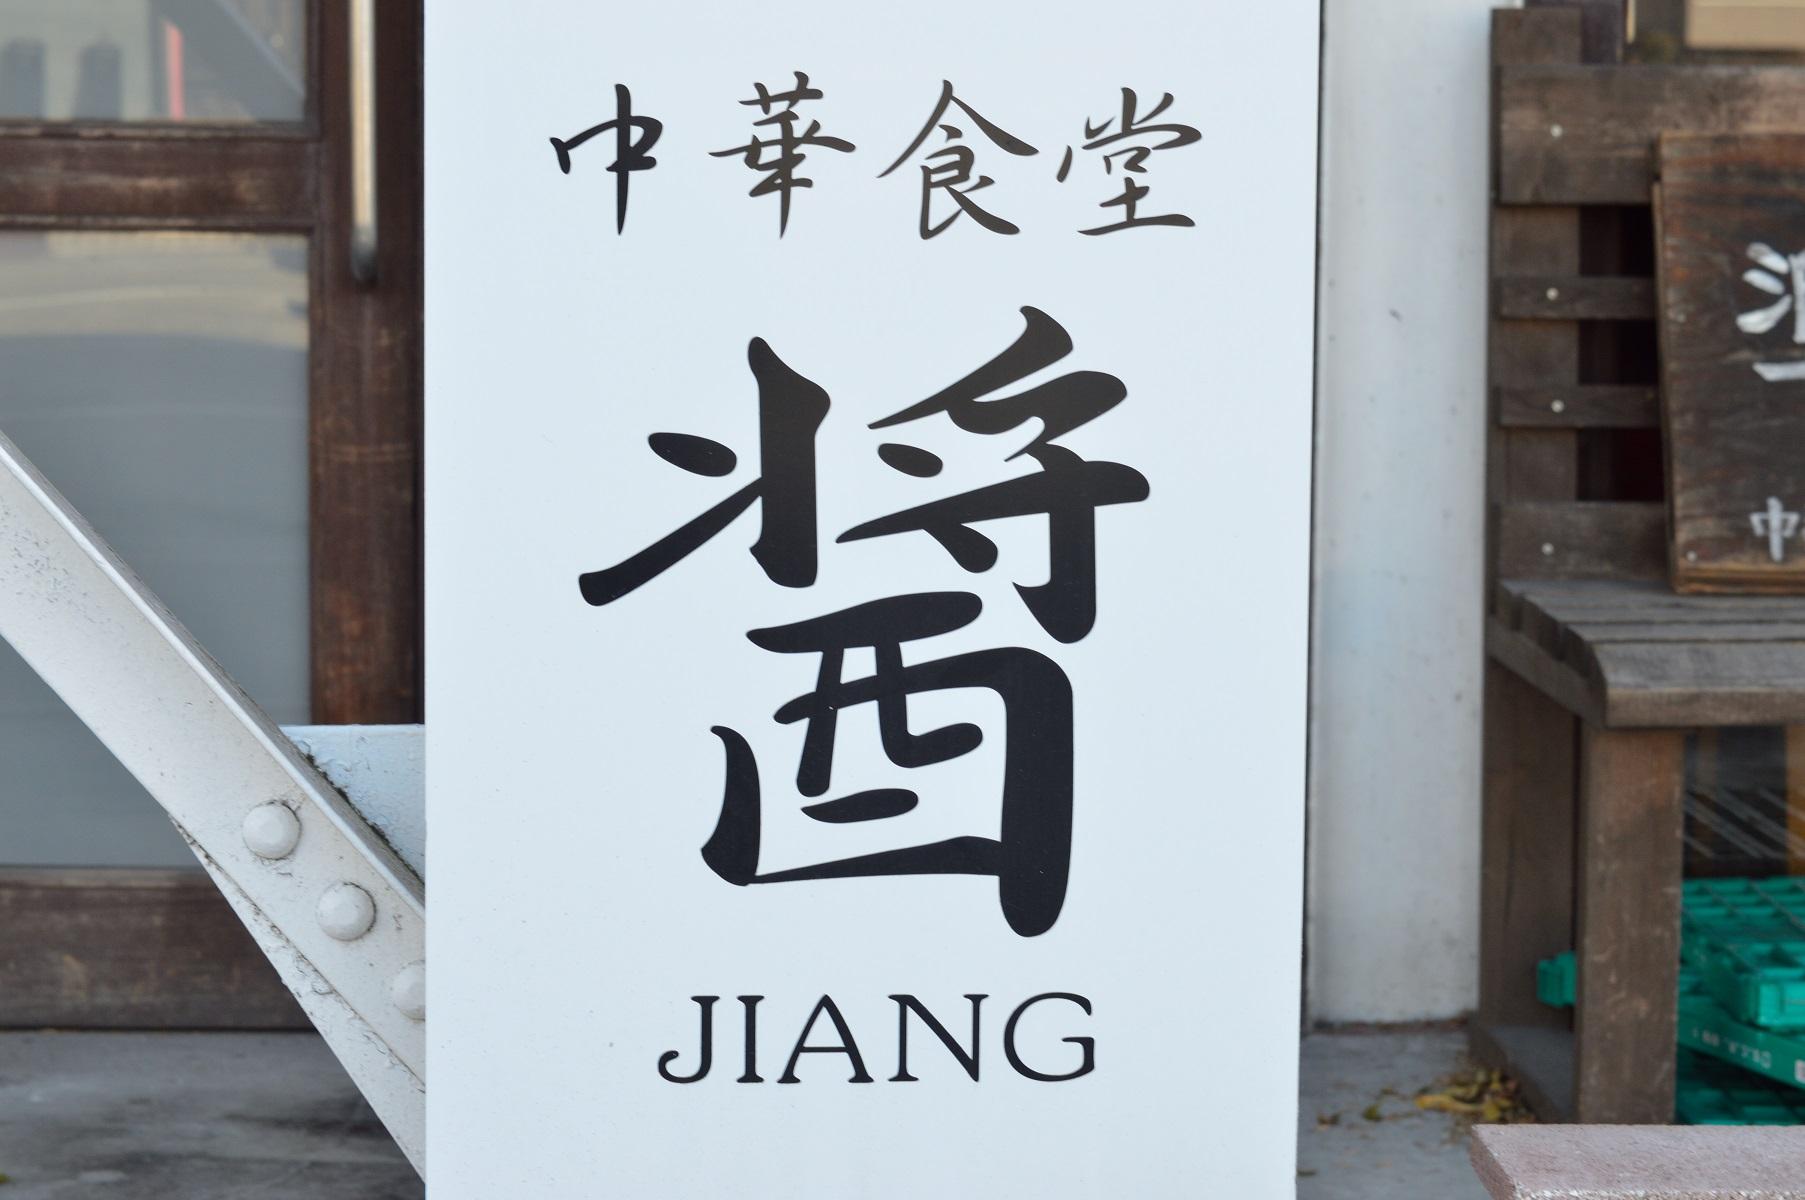 茨城県水戸市 中華食堂醤1 お店の外観と駐車場 (3)